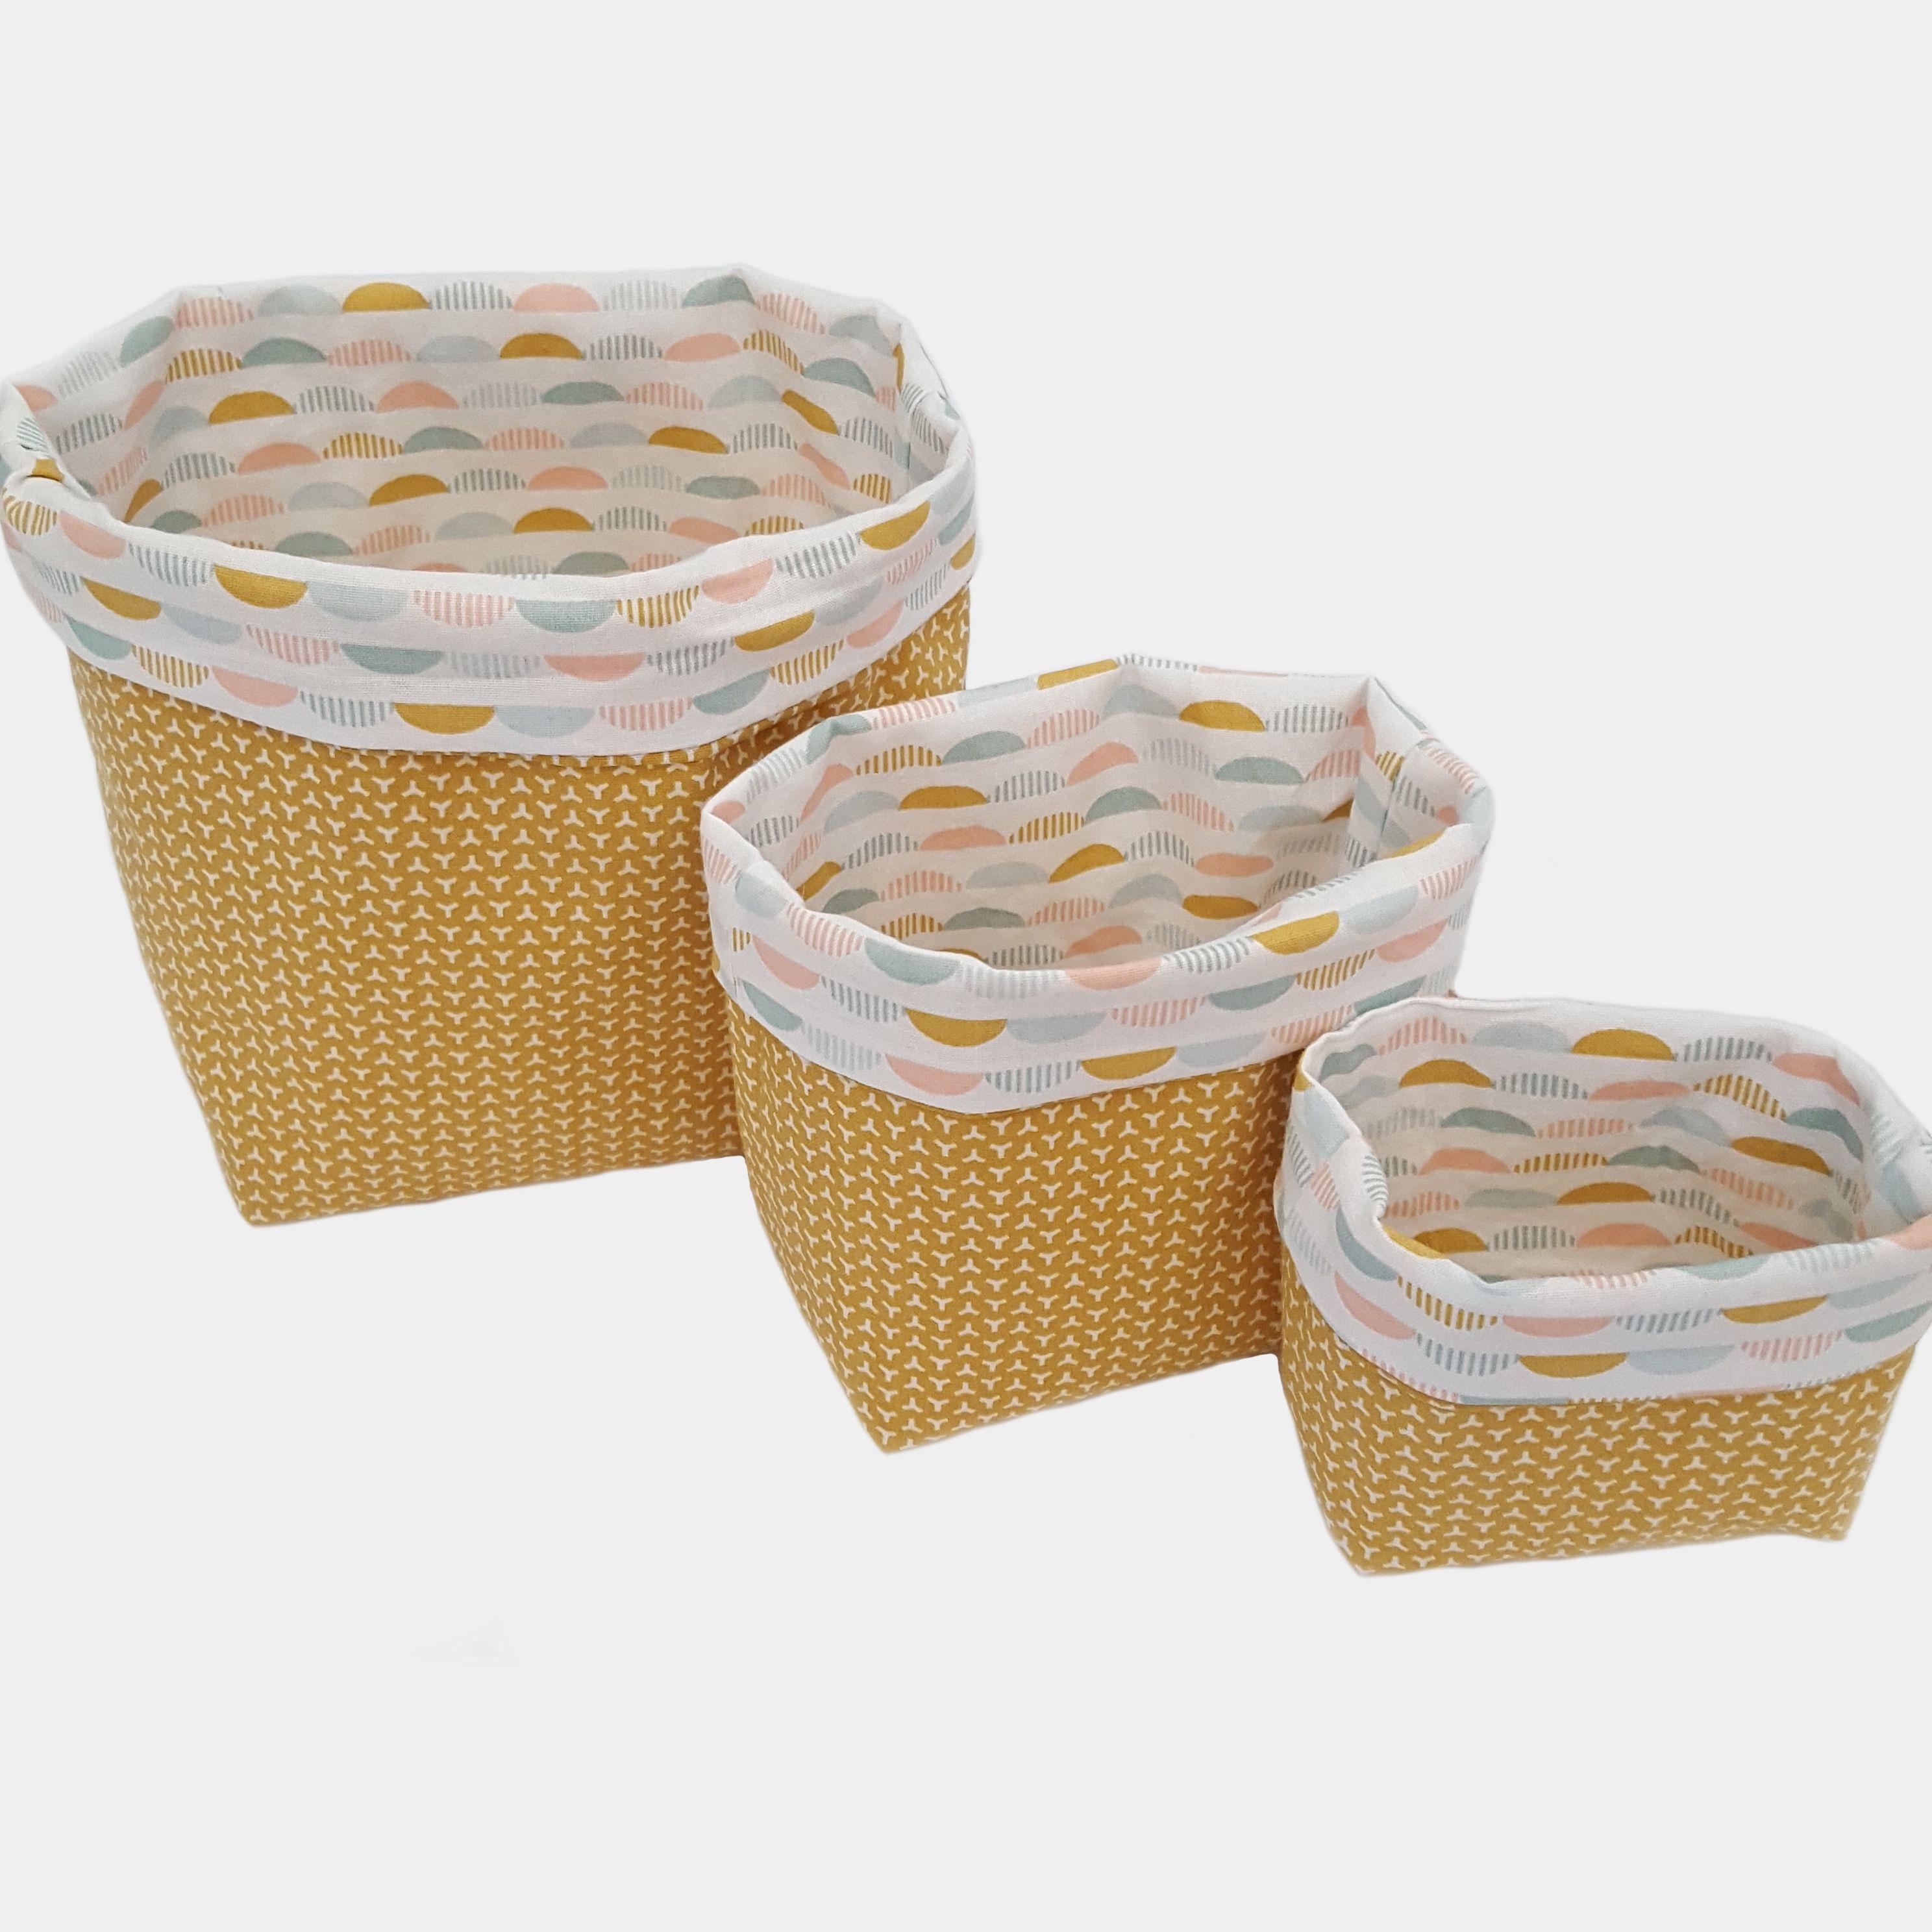 3 Paniers de rangement en tissus jaune et blanc pour salle de bain